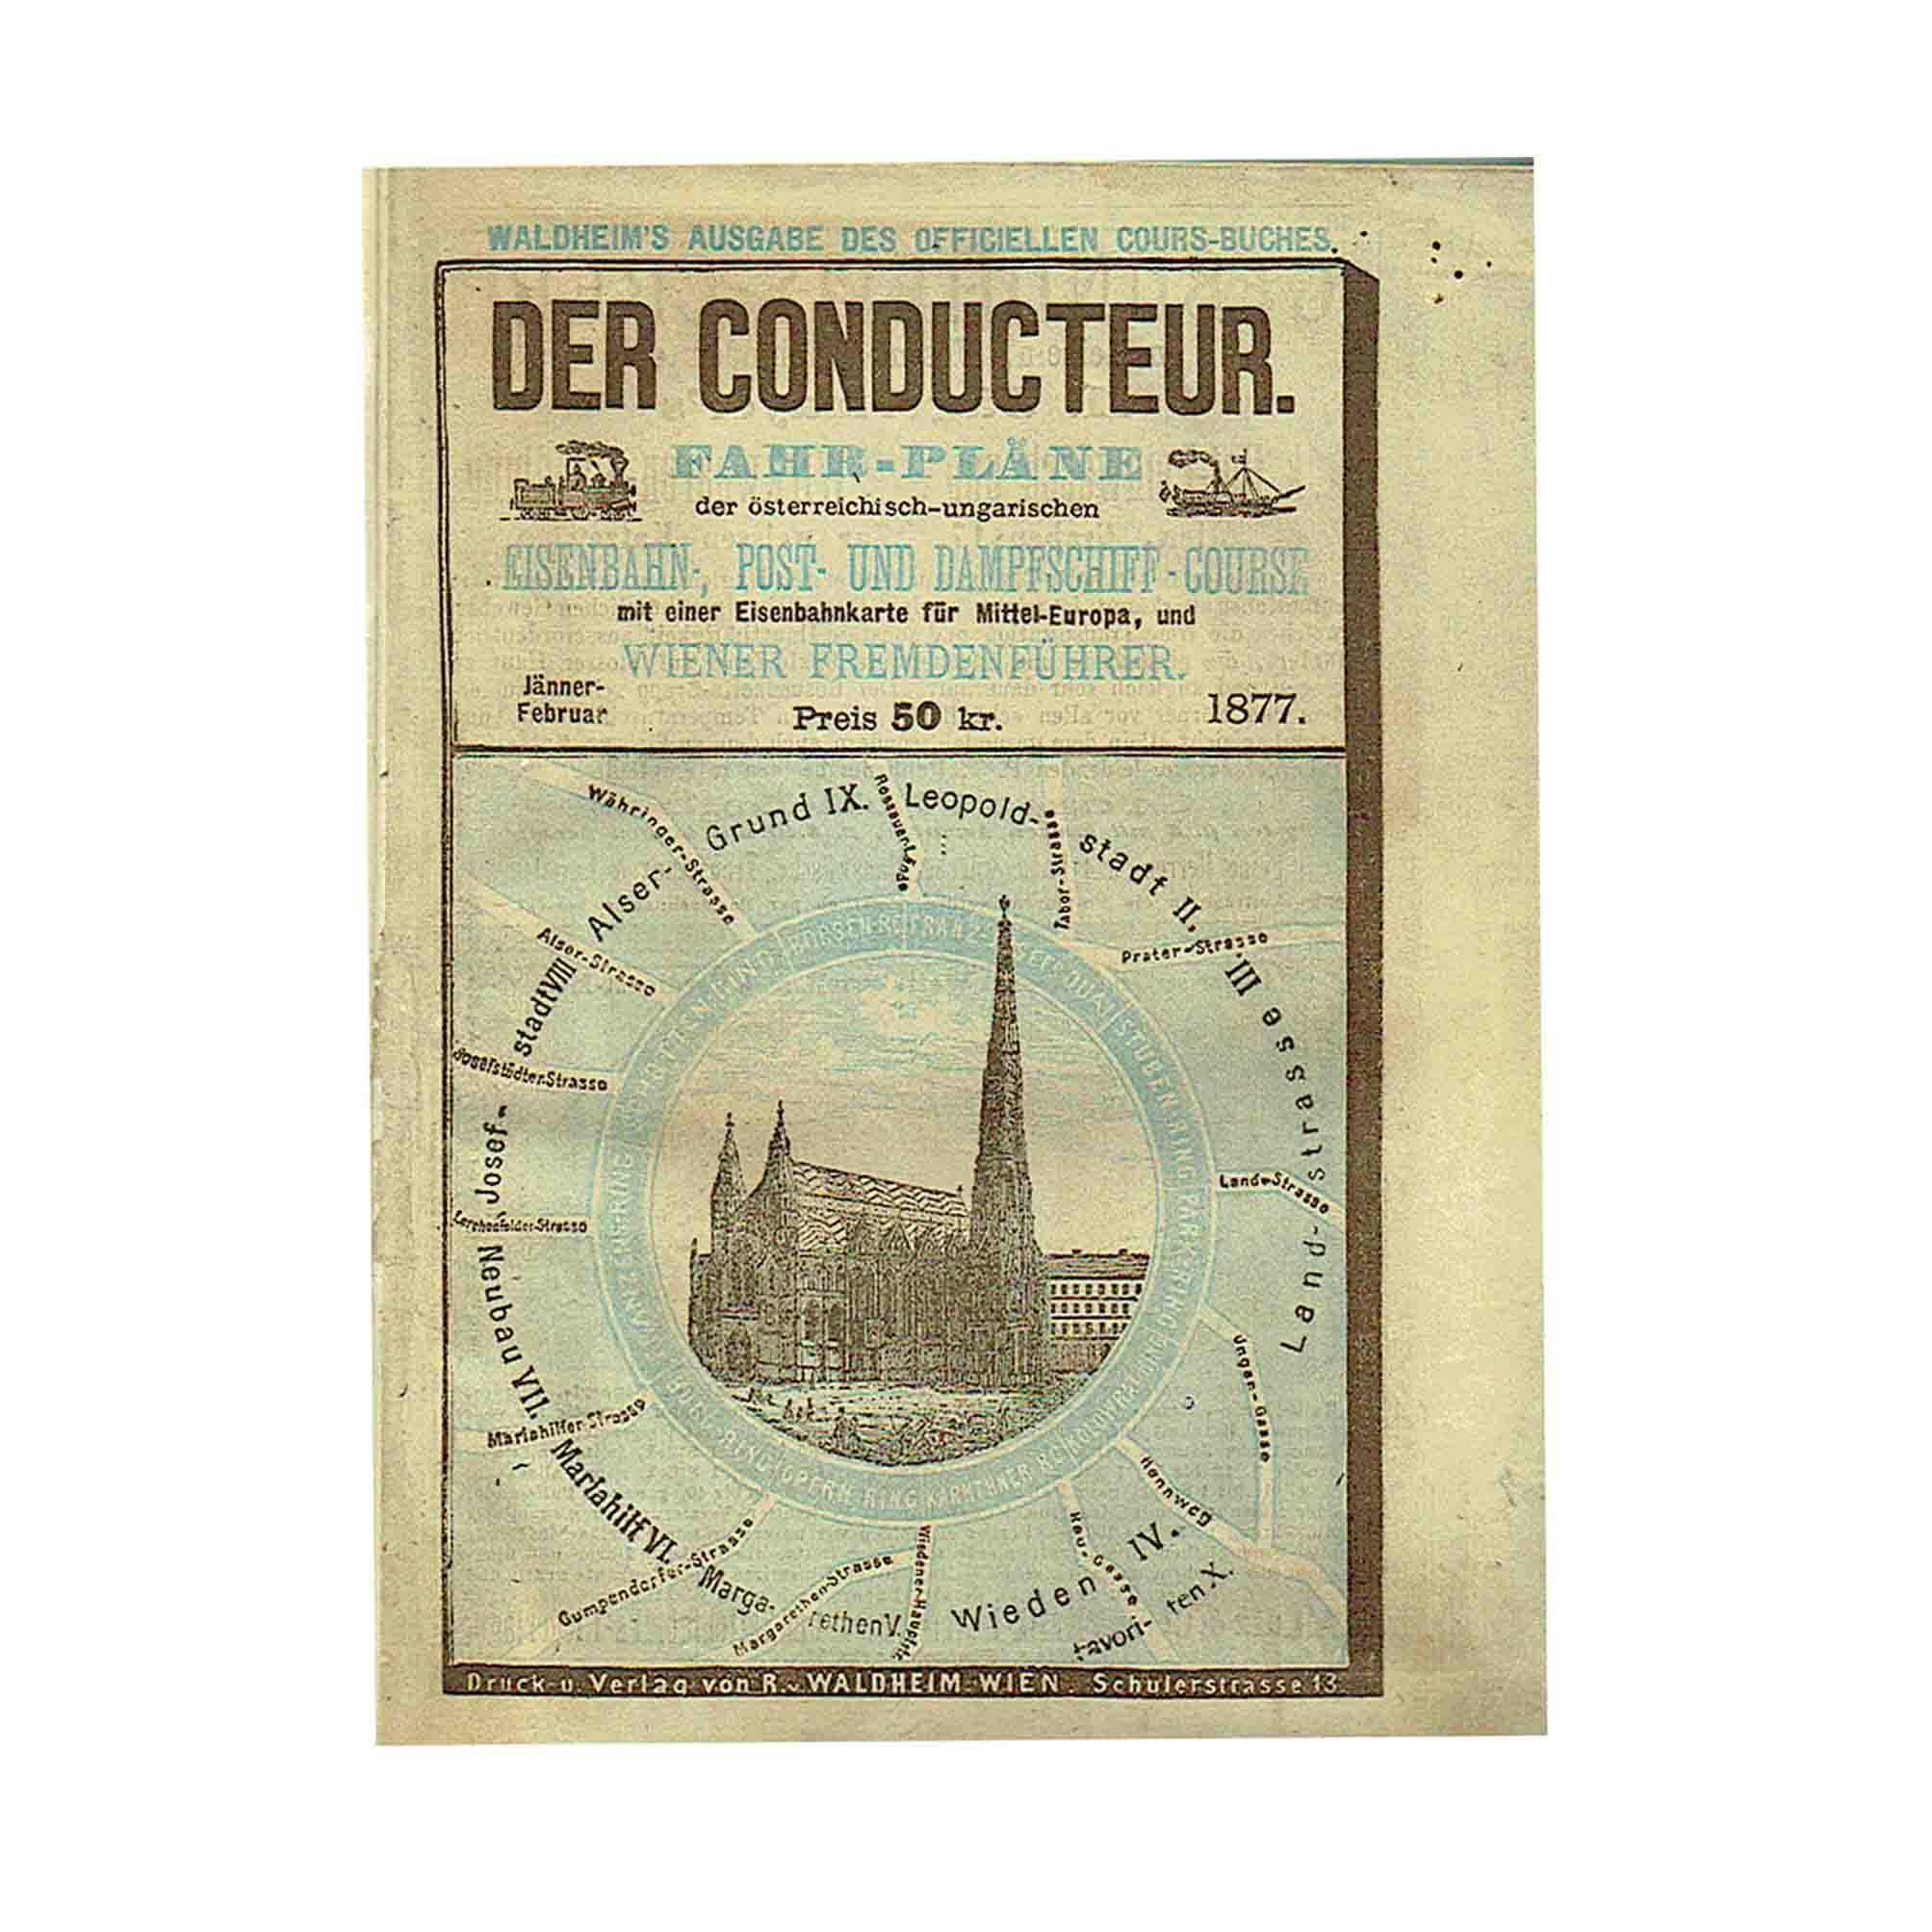 5628 Conducteur Fahrplan Eisenbahn 1877 N